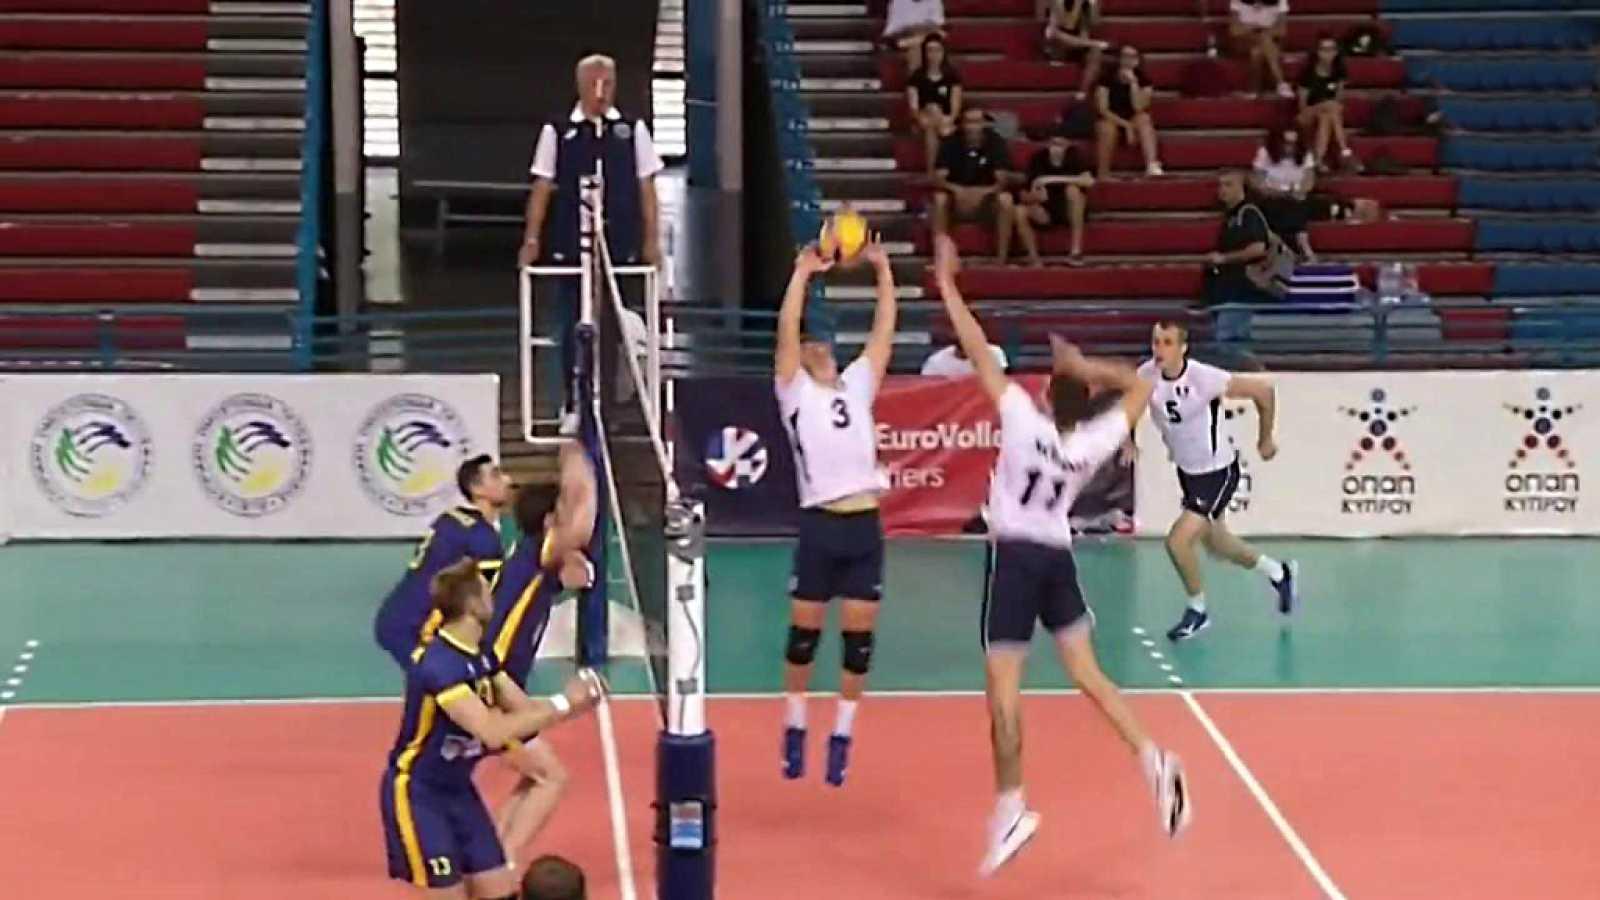 Voleibol - Clasificación Campeonato de Europa masculino: España - Moldavia. Desde Nicosia (Chipre) - ver ahora